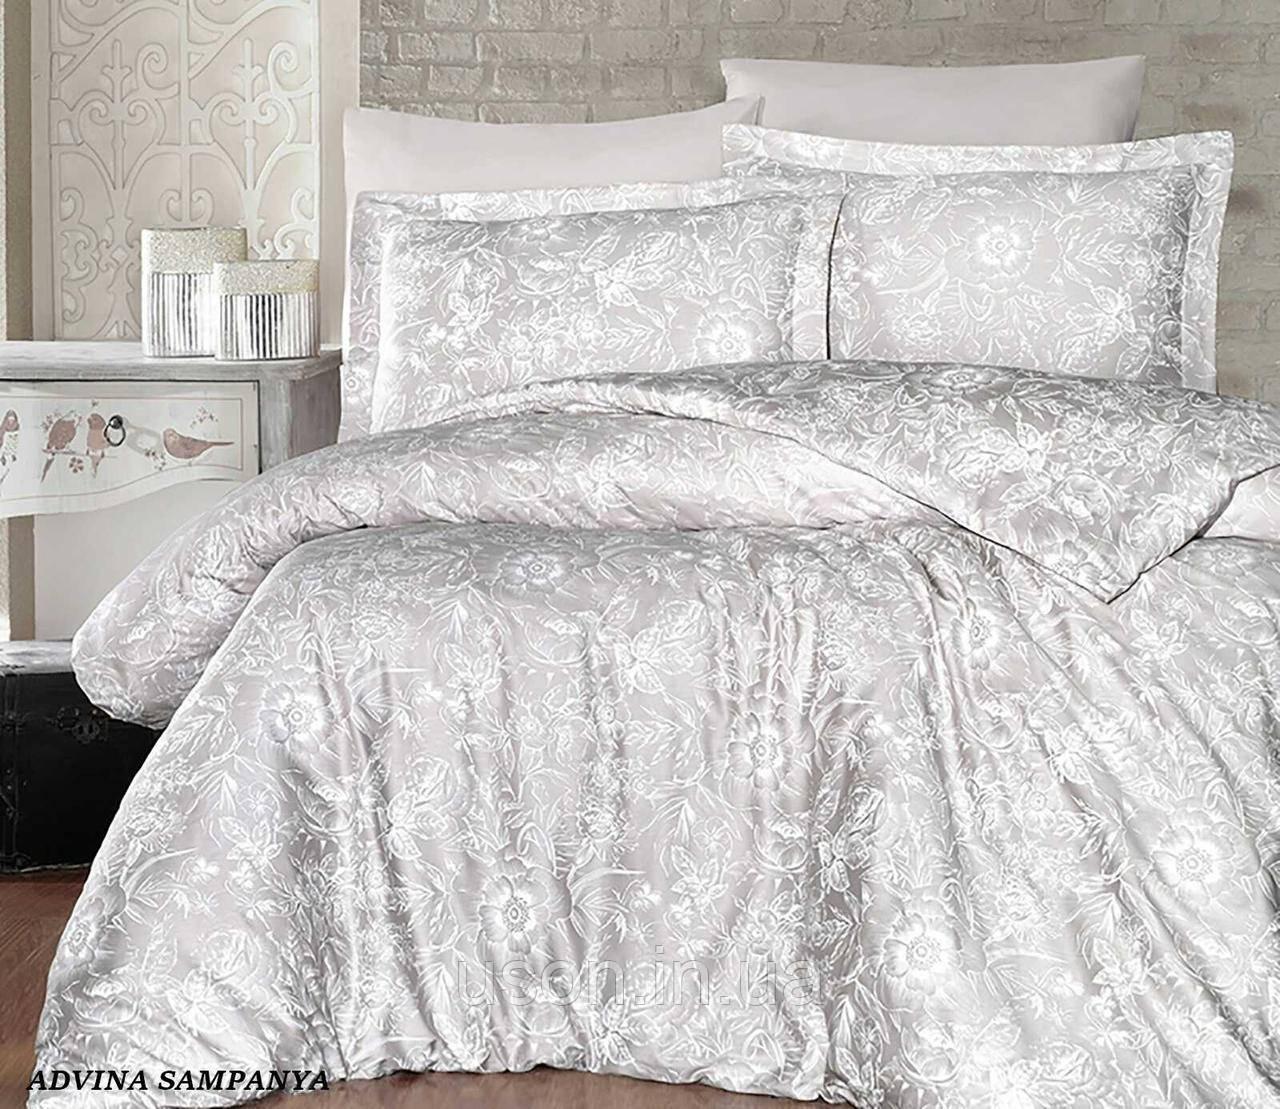 Комплект постельного белья Тм First Choice сатин Advina Sampanya